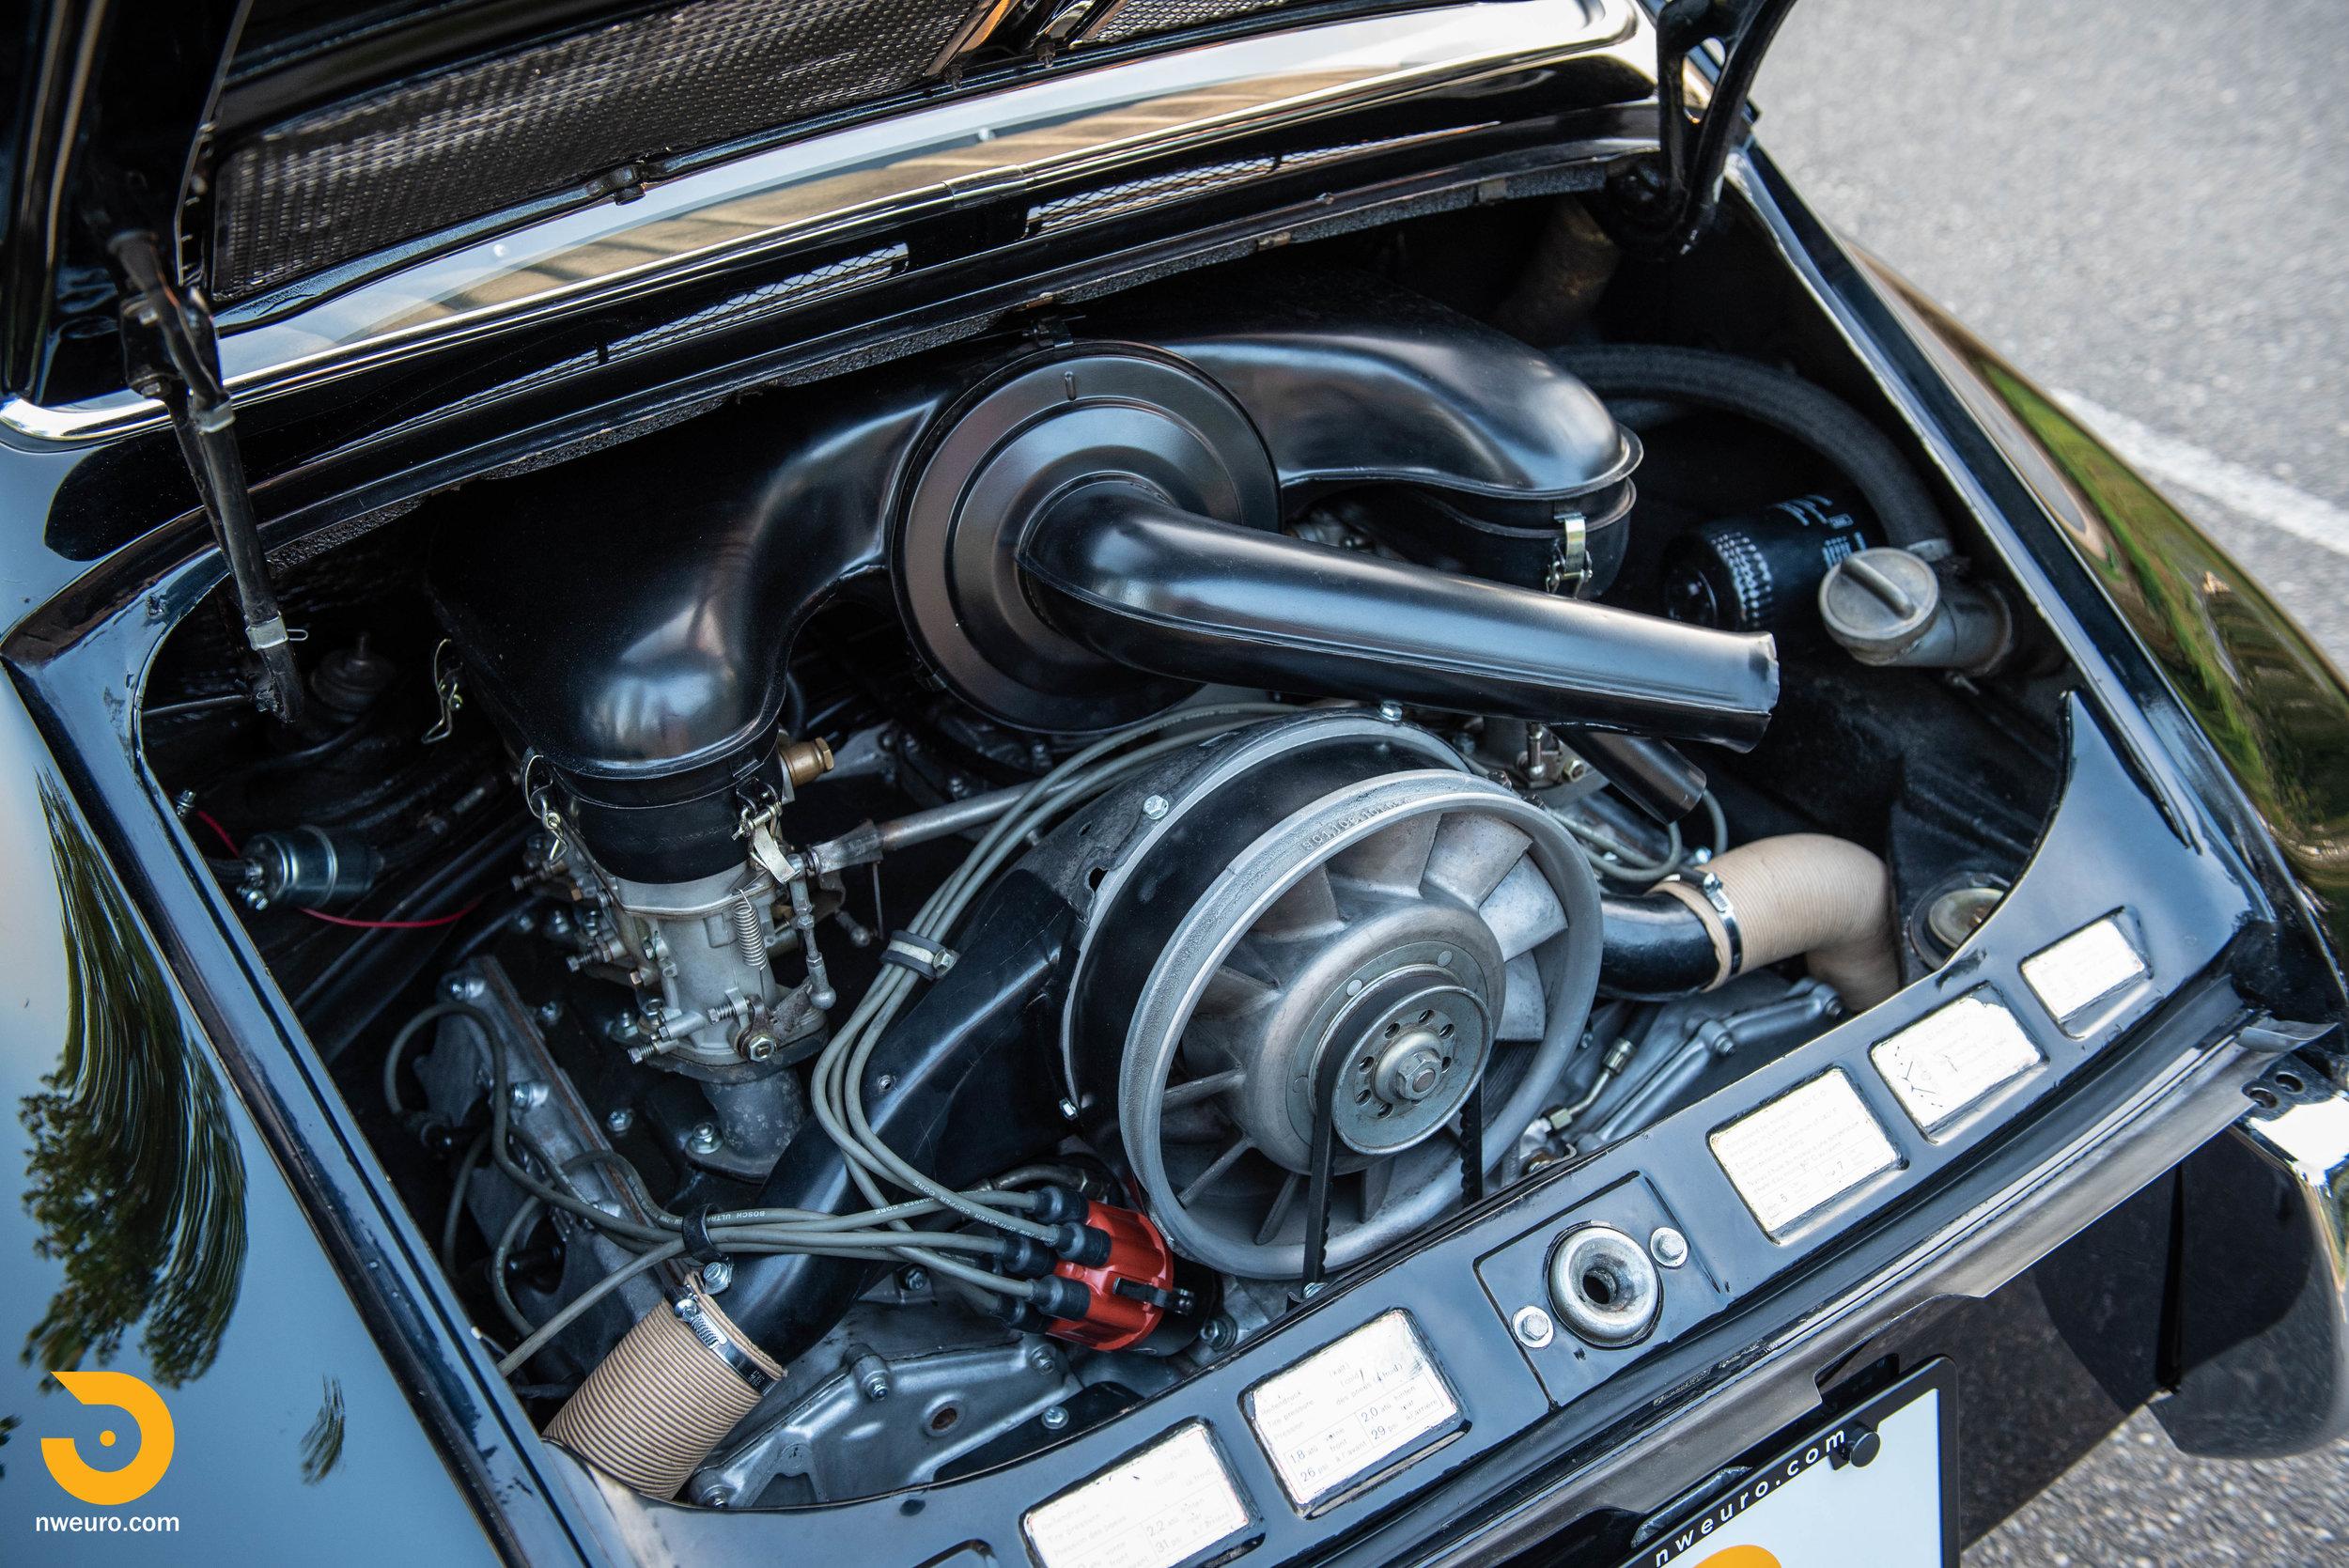 1966 Porsche 911-15.jpg